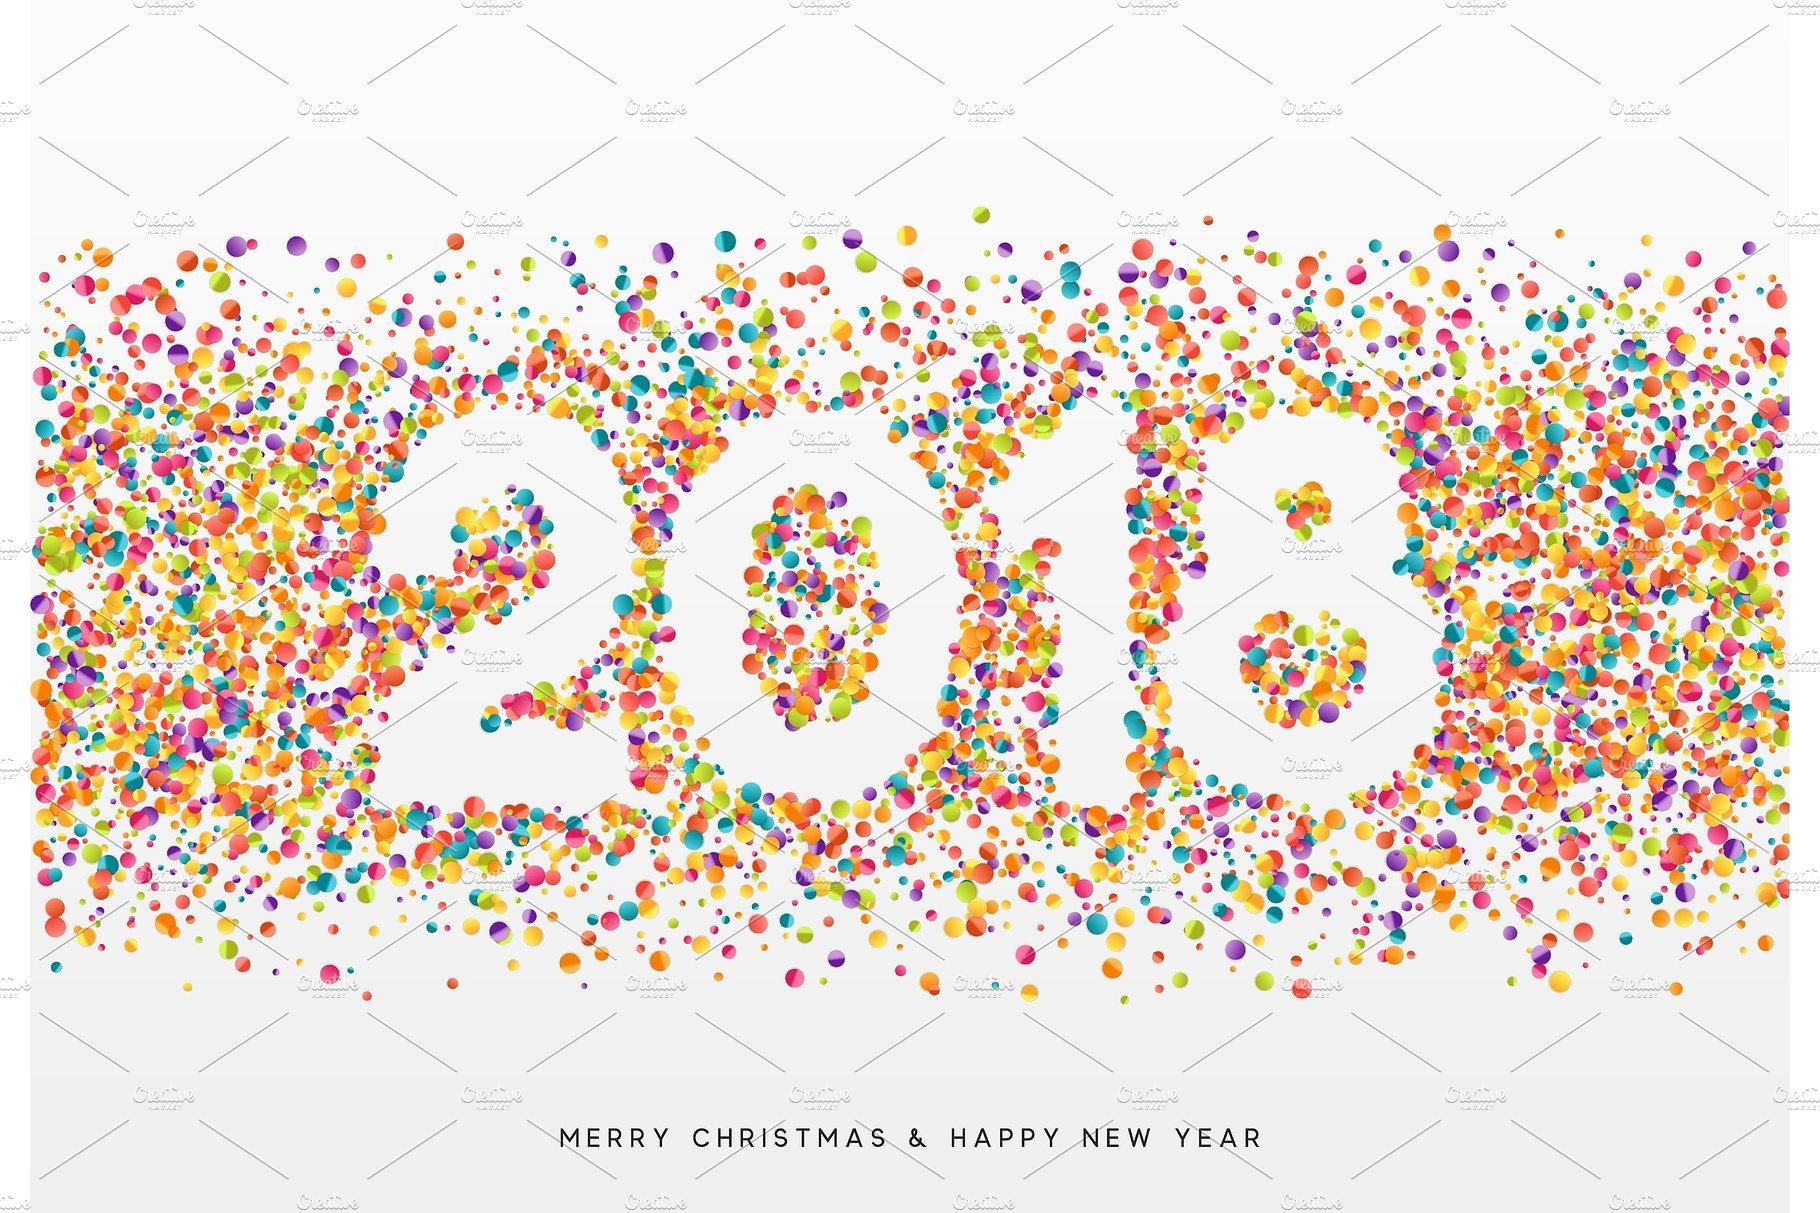 2018 clipart confetti, 2018 confetti Transparent FREE for.